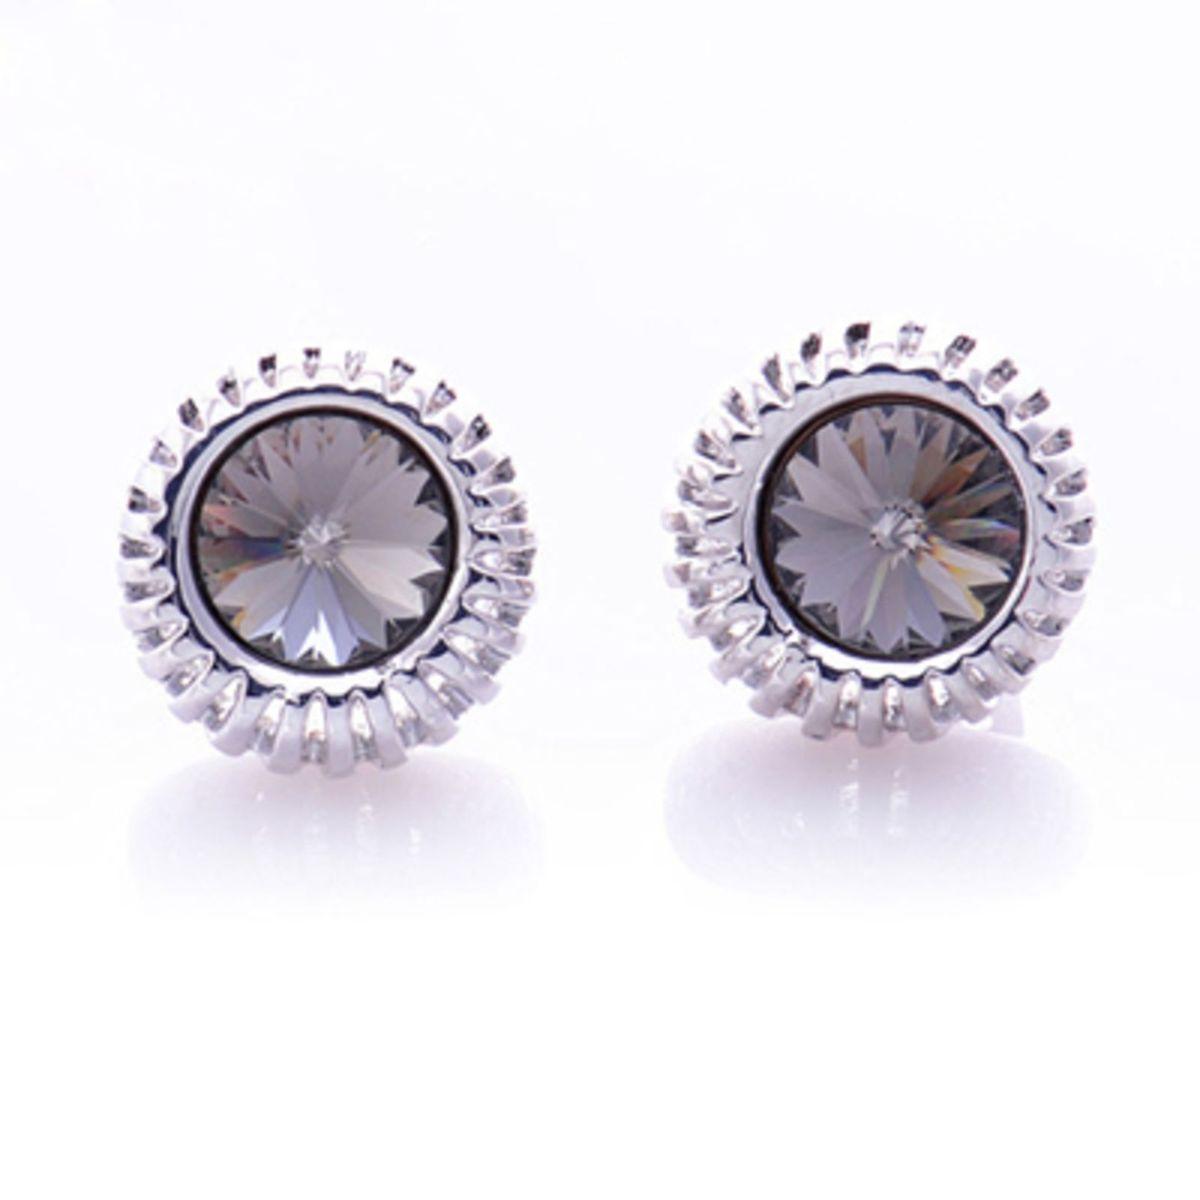 brinco cristal swarovski - bijoux materiale.  Czm6ly9wag90b3muzw5qb2vplmnvbs5ici9wcm9kdwn0cy8ymzqwotgvytg1ymjlyzg1yjq5nzhjmjcymdk3yje5n2ixodkxmjguanbn  ... 93c87d7173